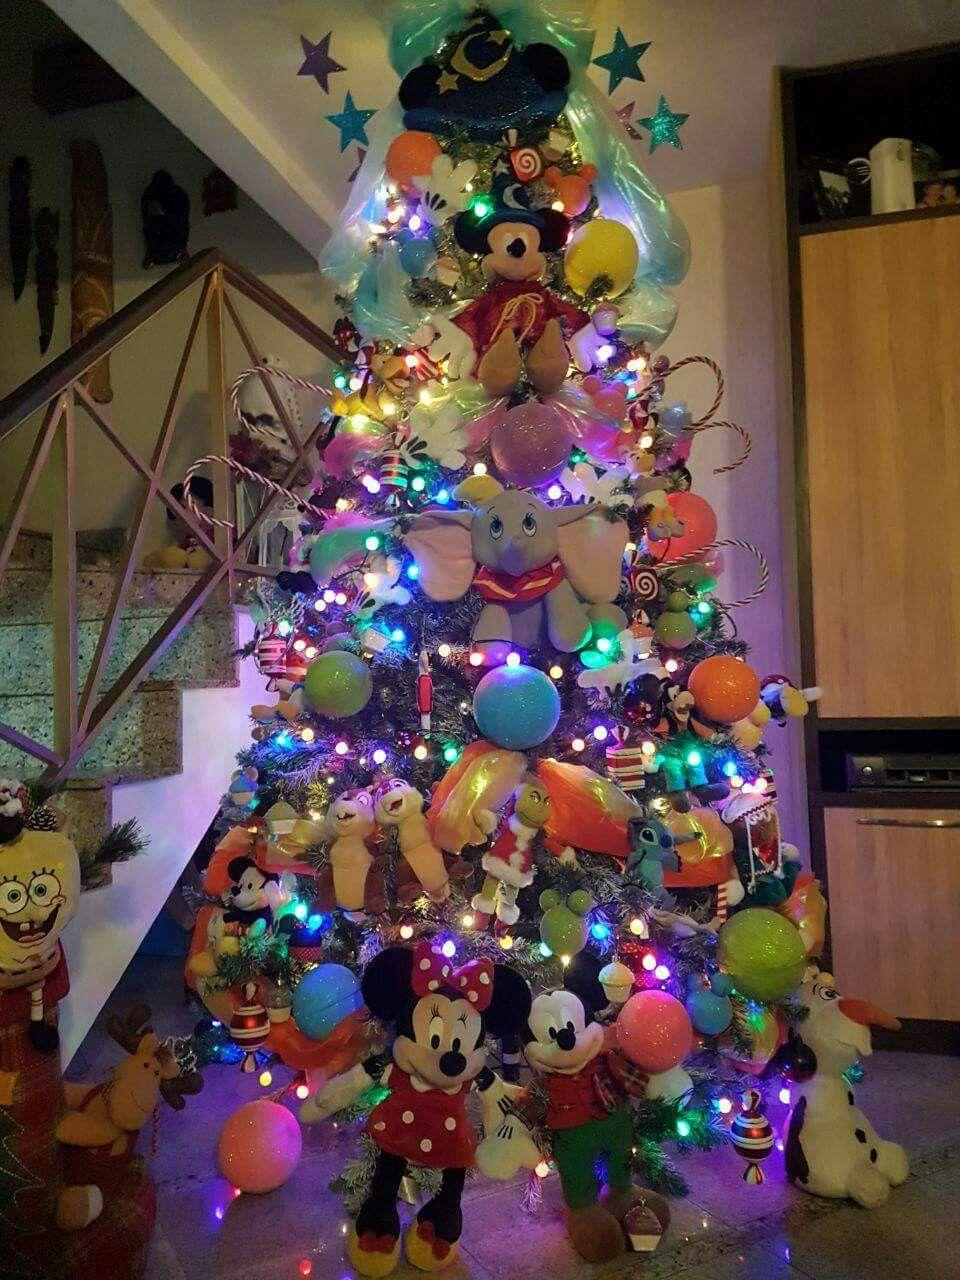 Disney S Christmas Tree Bellisimo Navidad